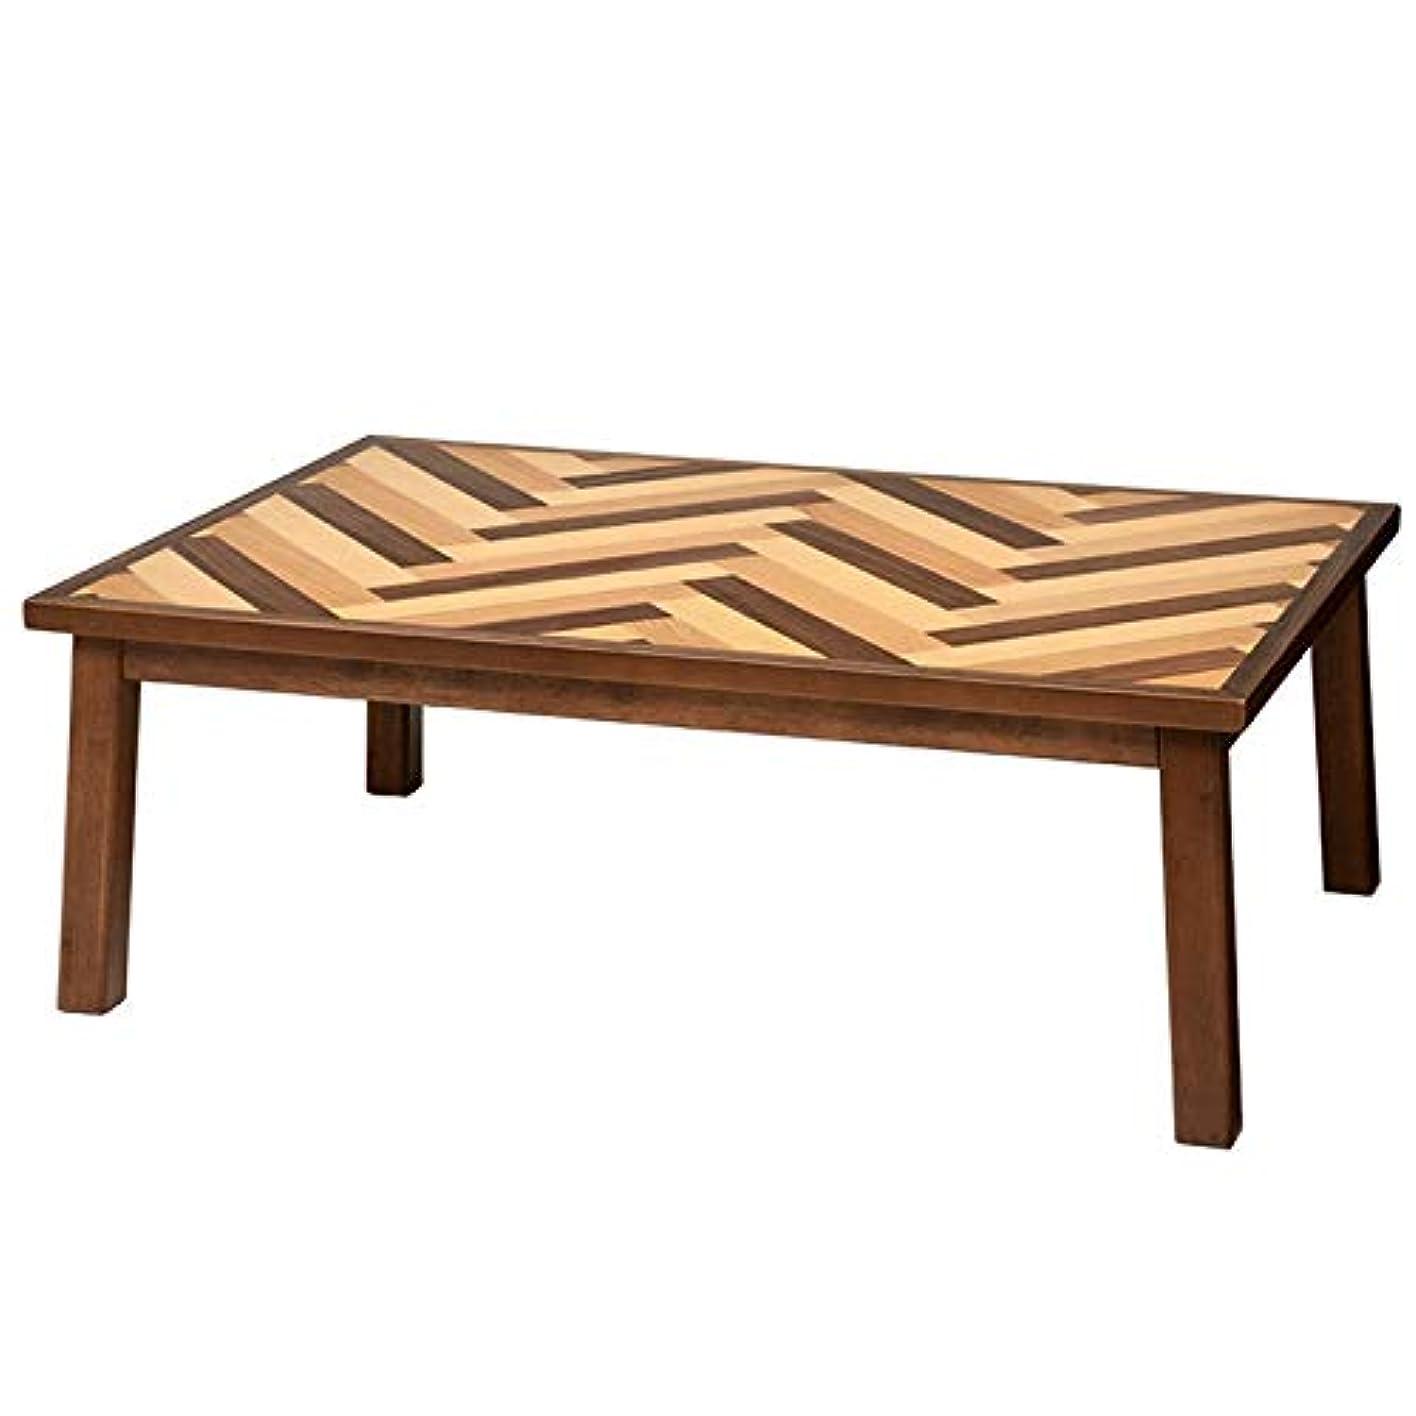 ゴネリル電気のエクスタシーこたつテーブル ヘリンボーン調 幅120cm 長方形 MIX